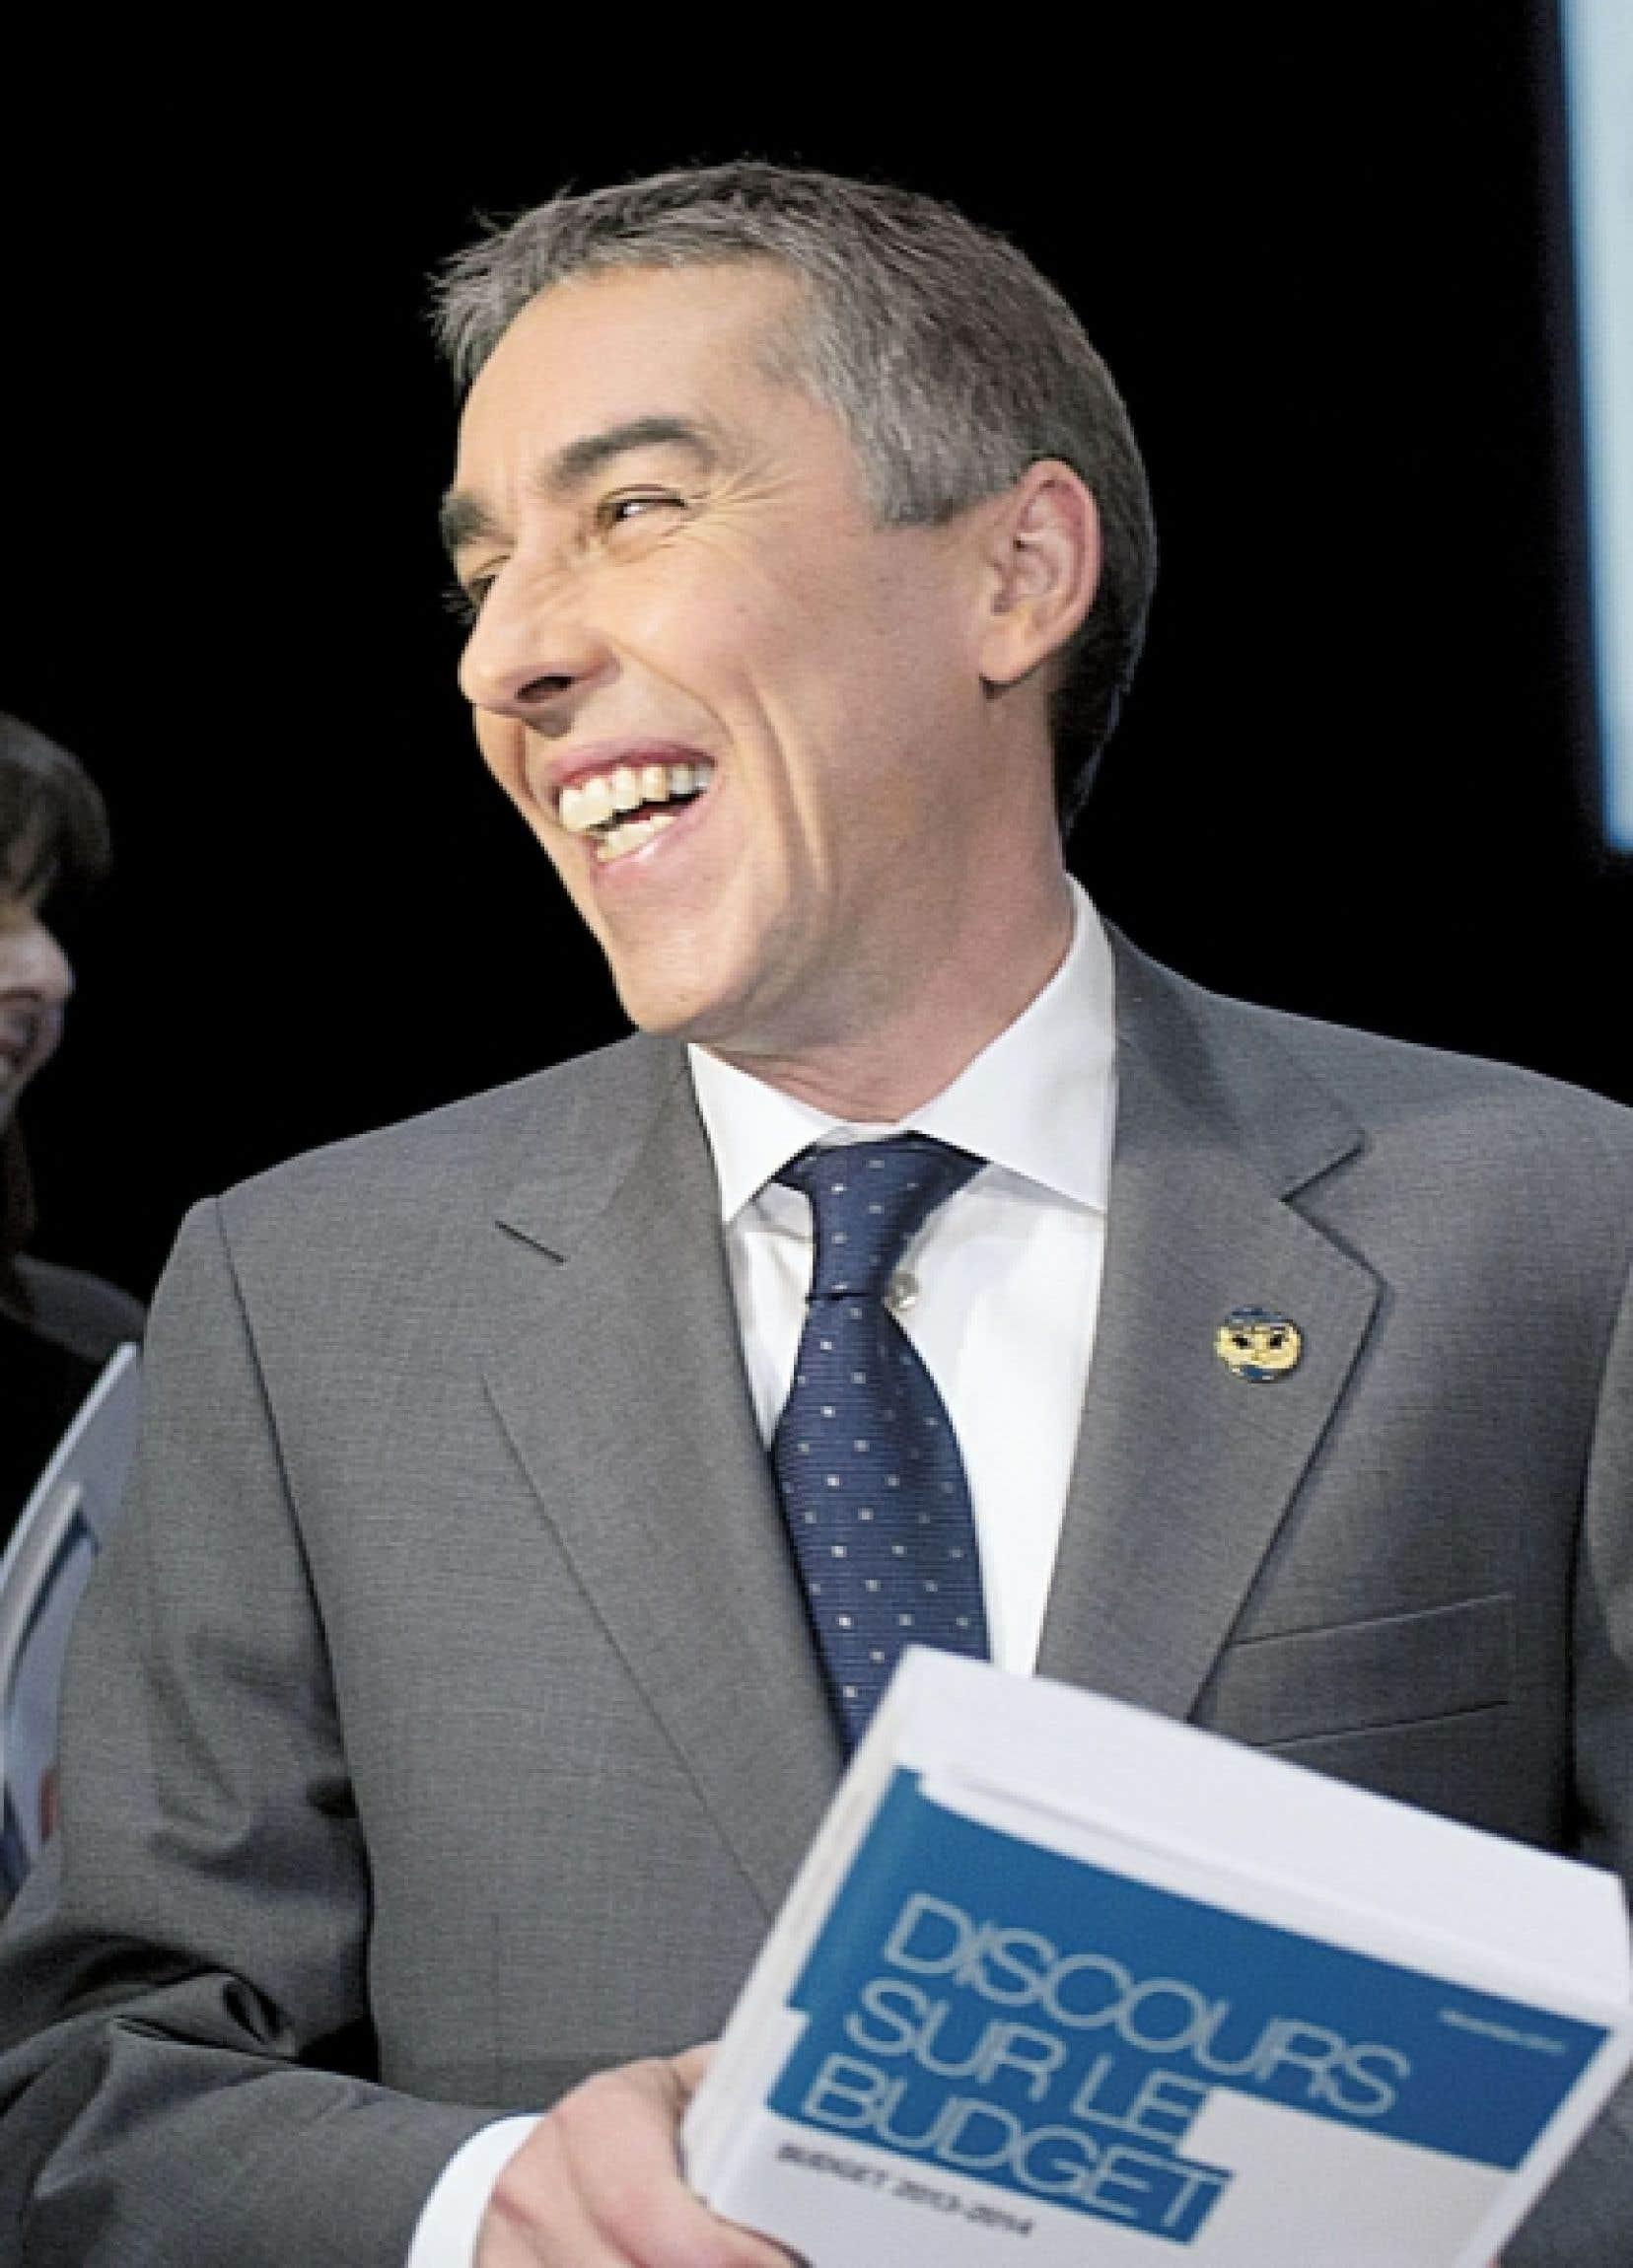 Le ministre des Finances, Nicolas Marceau, a annoncé mardi une réduction de 1,5 milliard par année du niveau moyen des investissements publics en immobilisations au cours des cinq prochaines années.